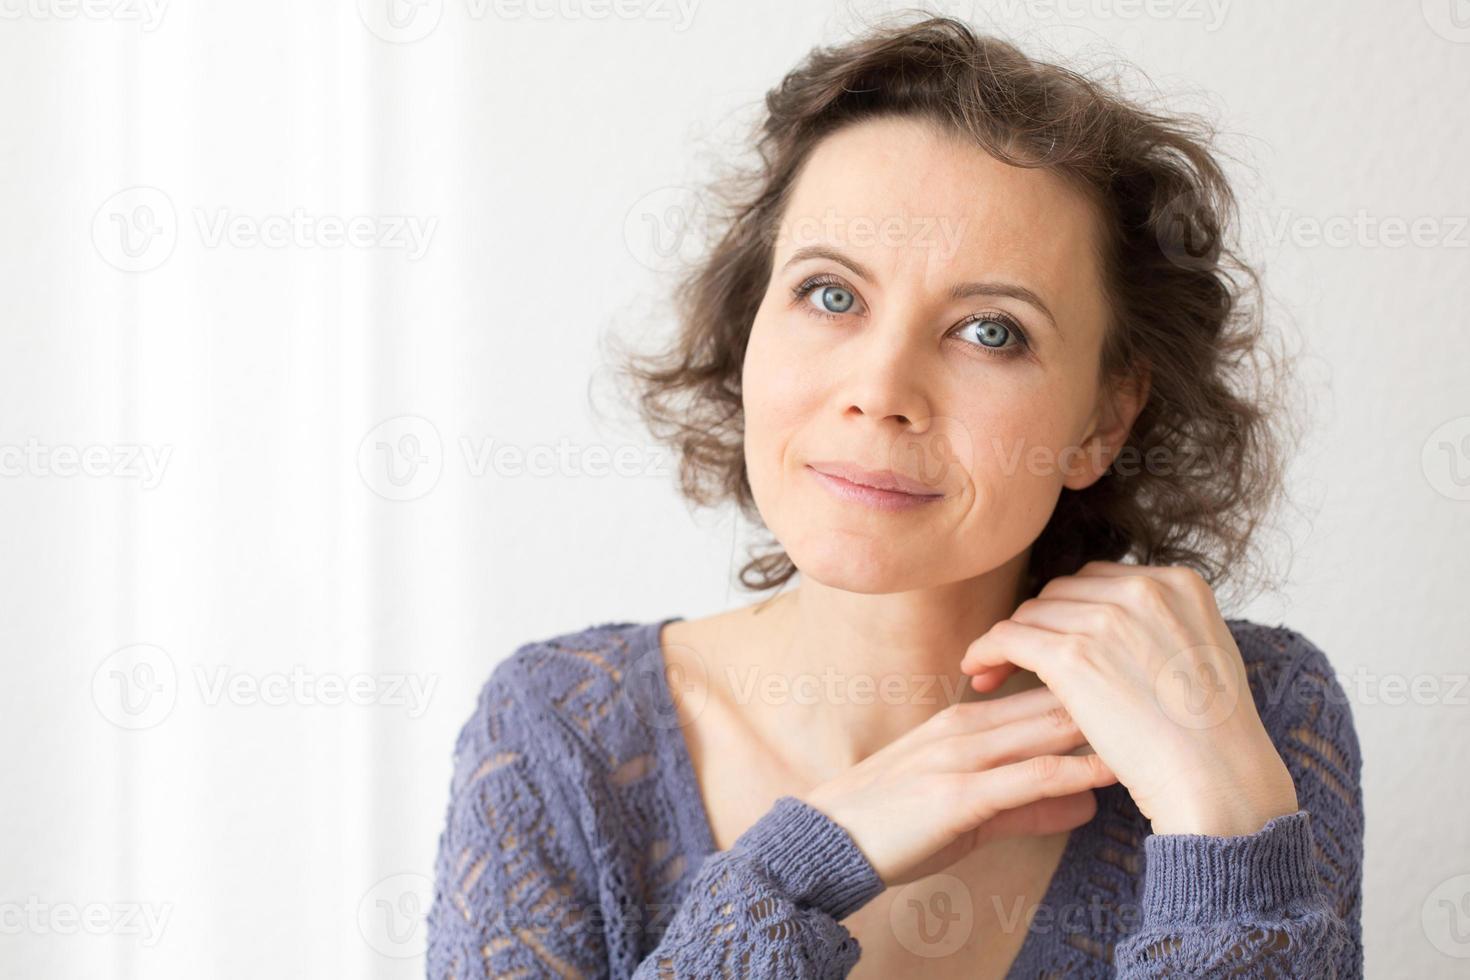 mulher romântica, olhando para a câmera com sorriso foto